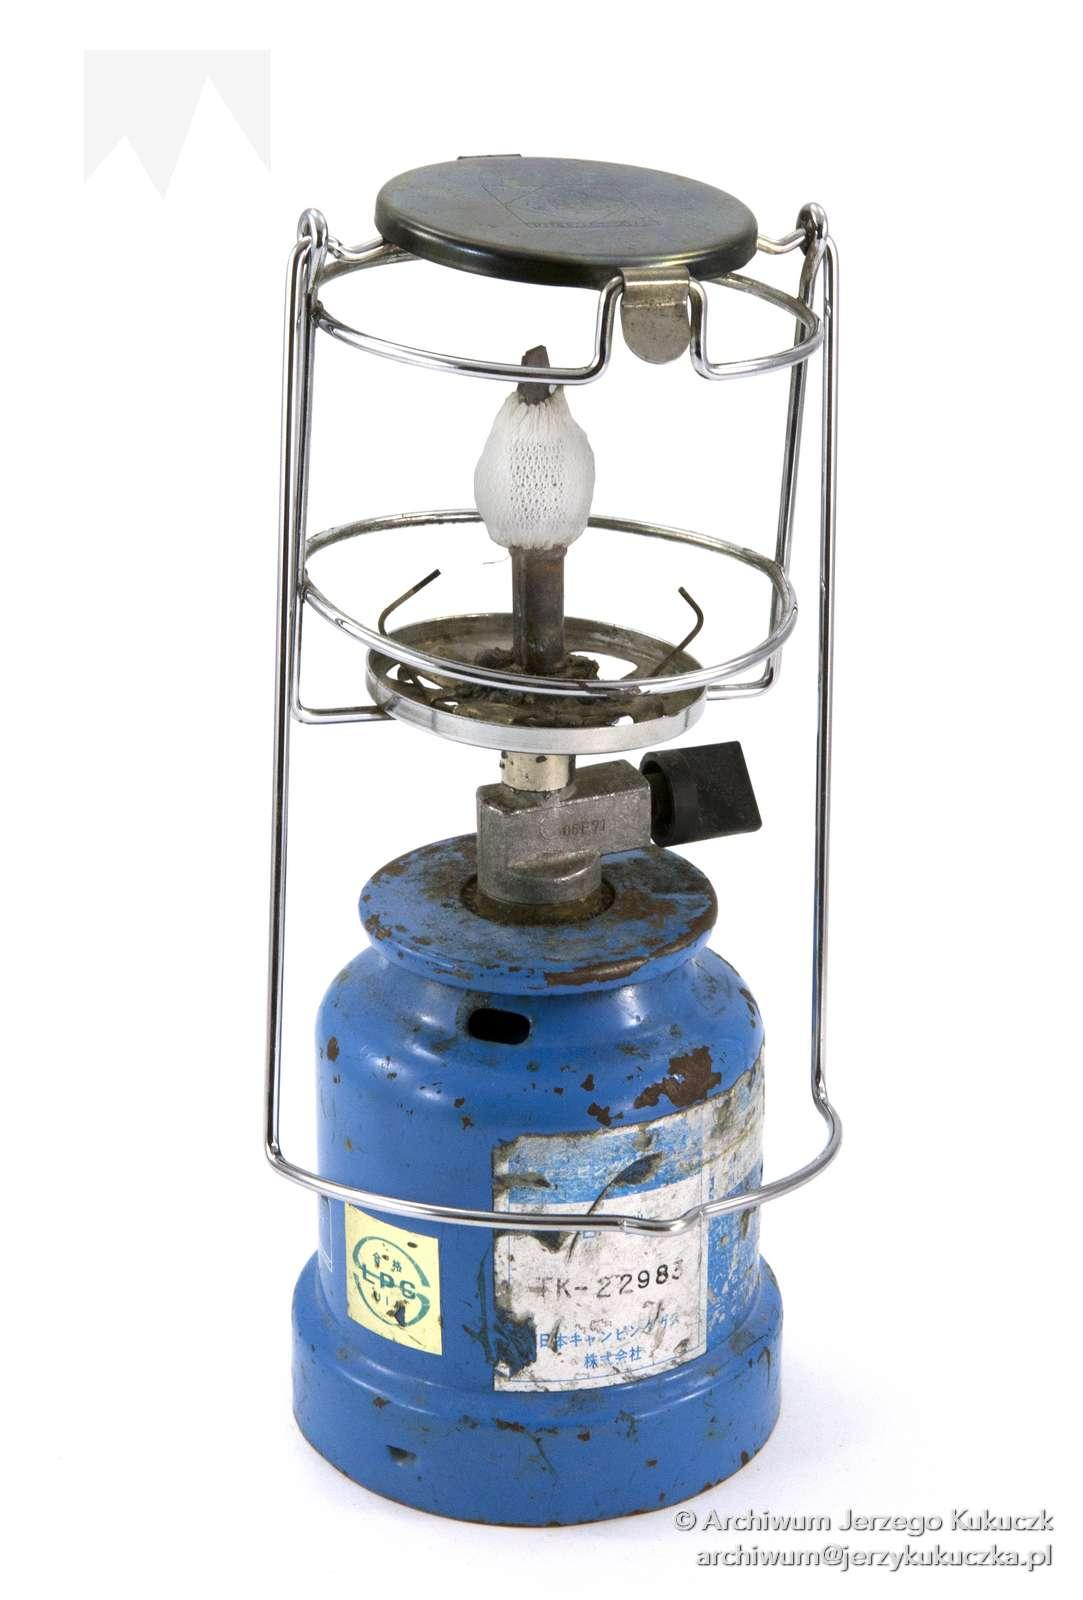 Lampka butanowa używana przez Jerzego Kukuczkę podczas wypraw